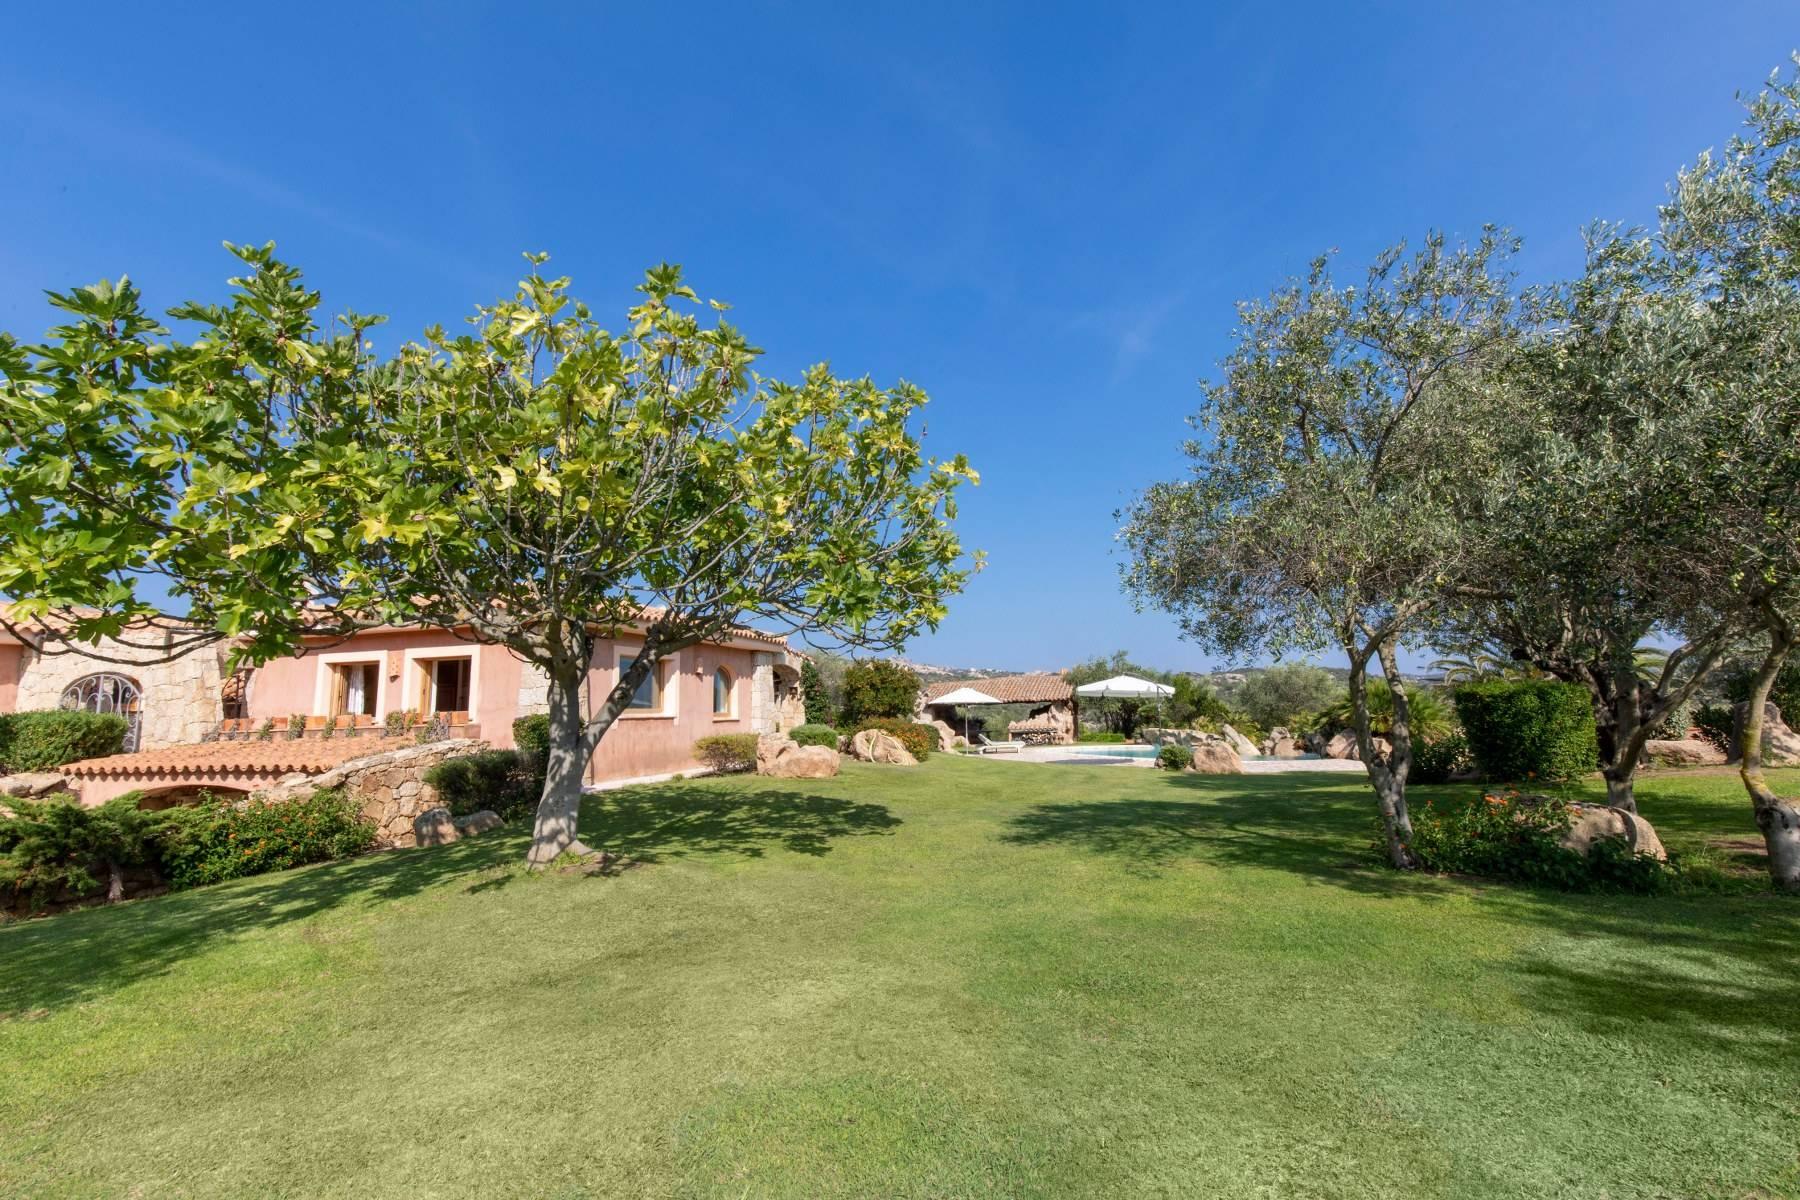 Villa in Vendita a Arzachena: 5 locali, 600 mq - Foto 16